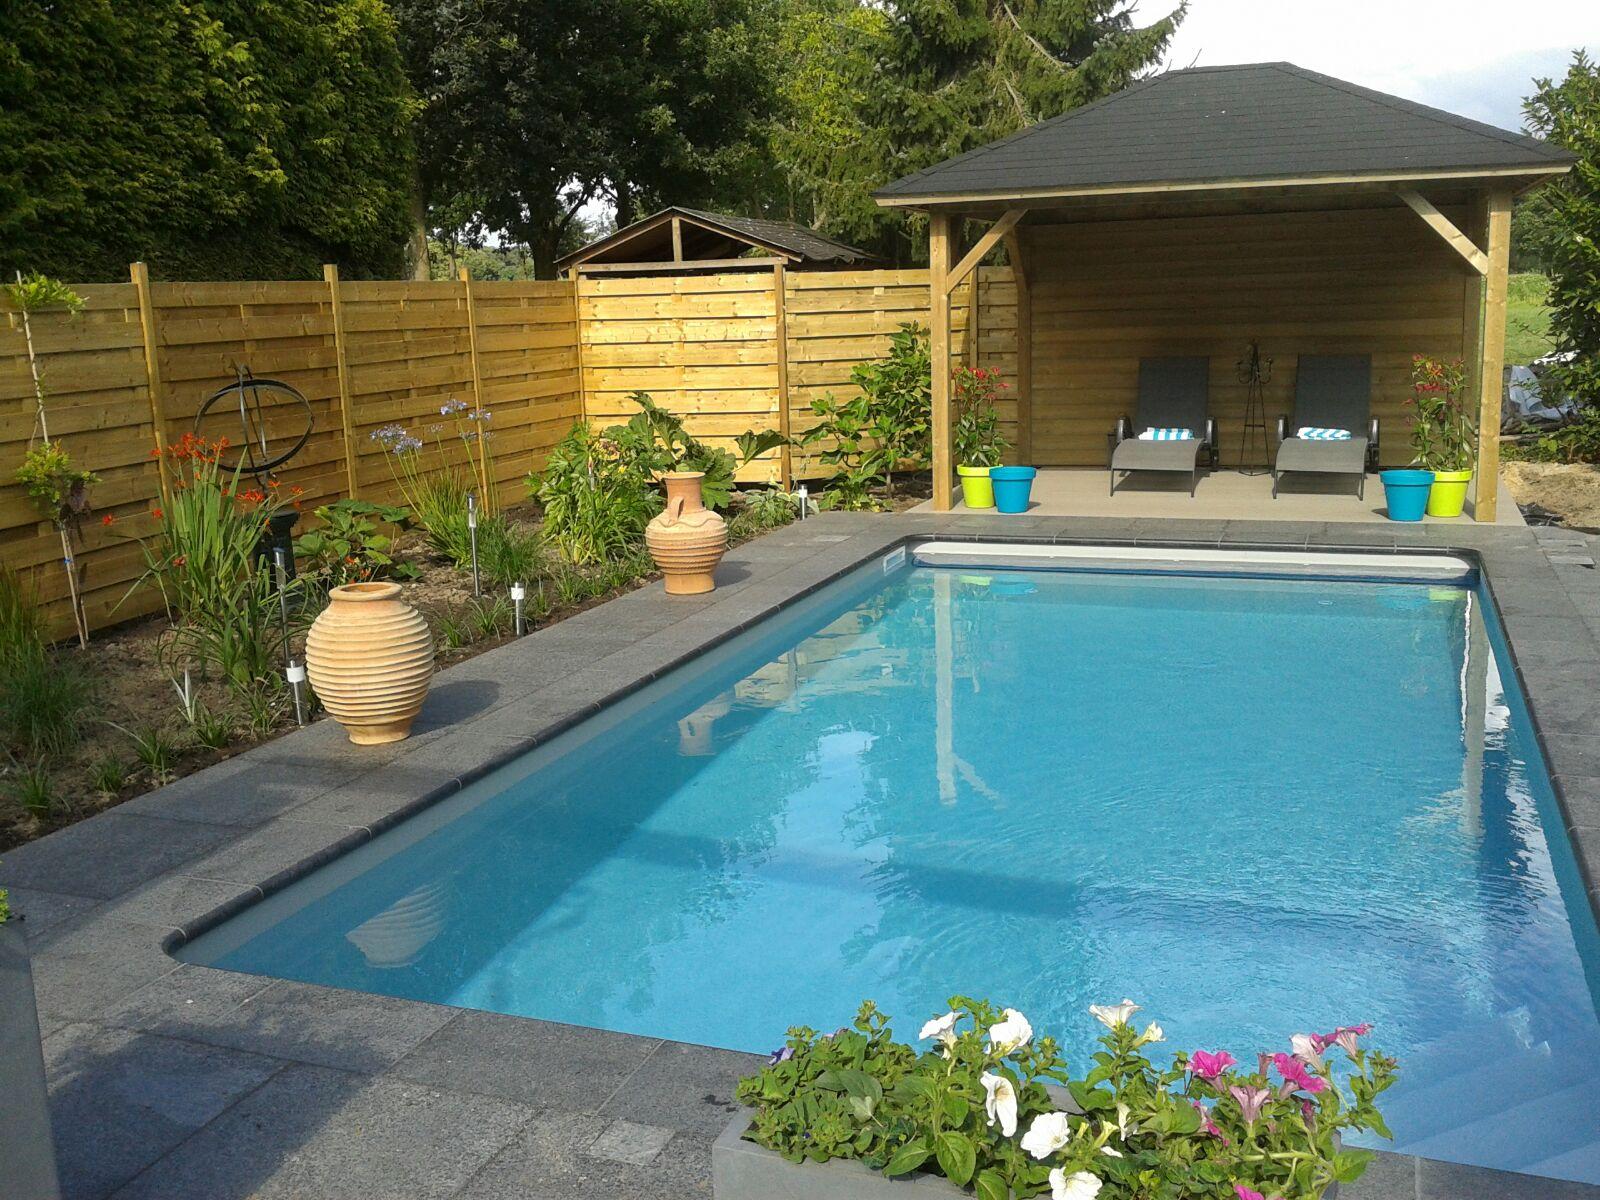 Zwembad bouw en aanleg voor iedereen for Buitenzwembad aanleggen